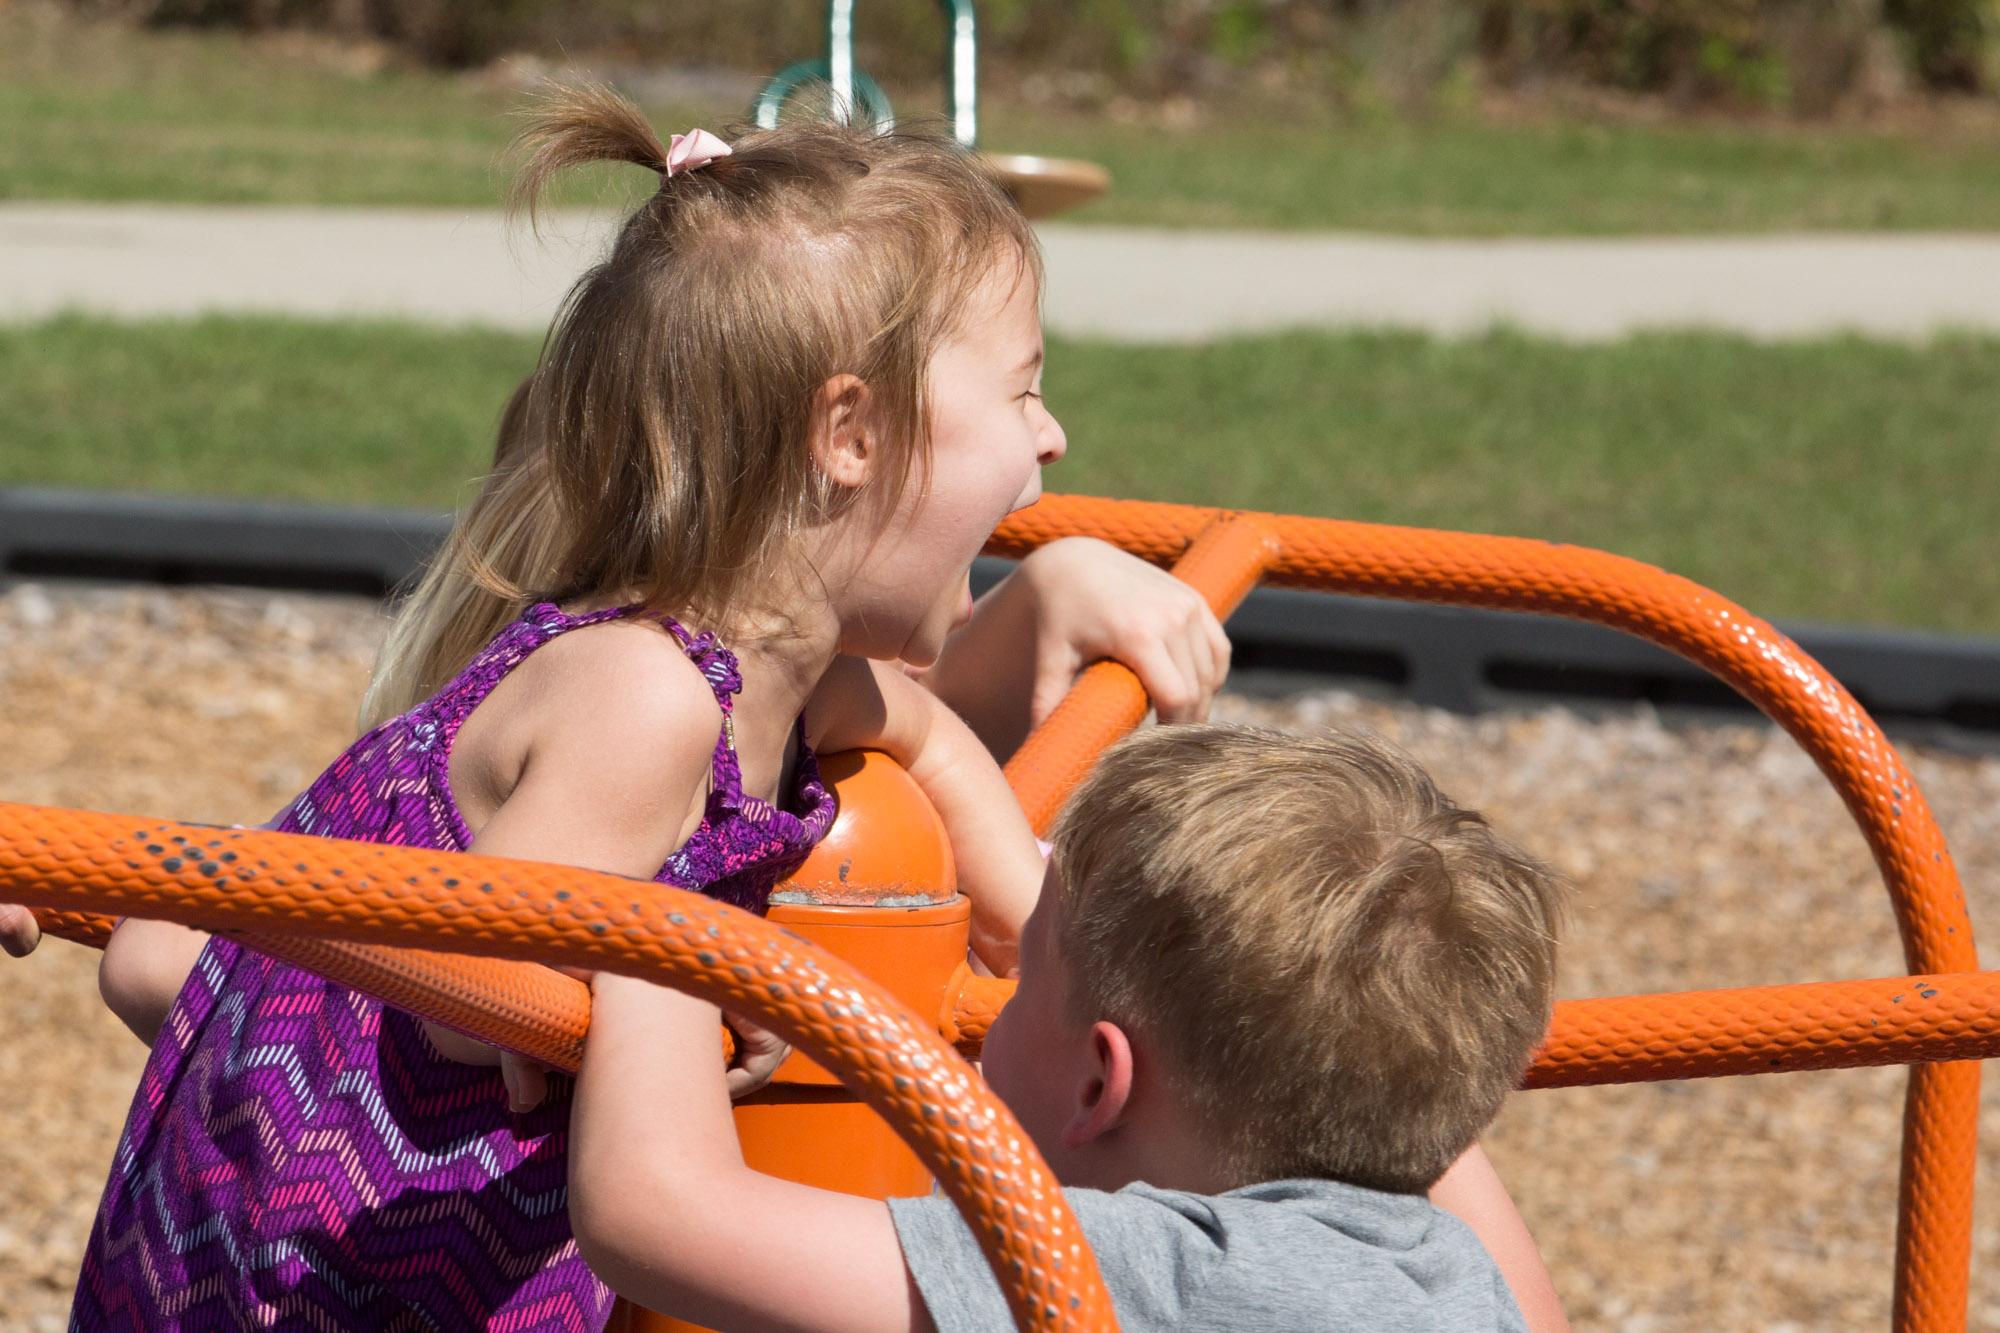 jacksonville-family-photography-114.jpg